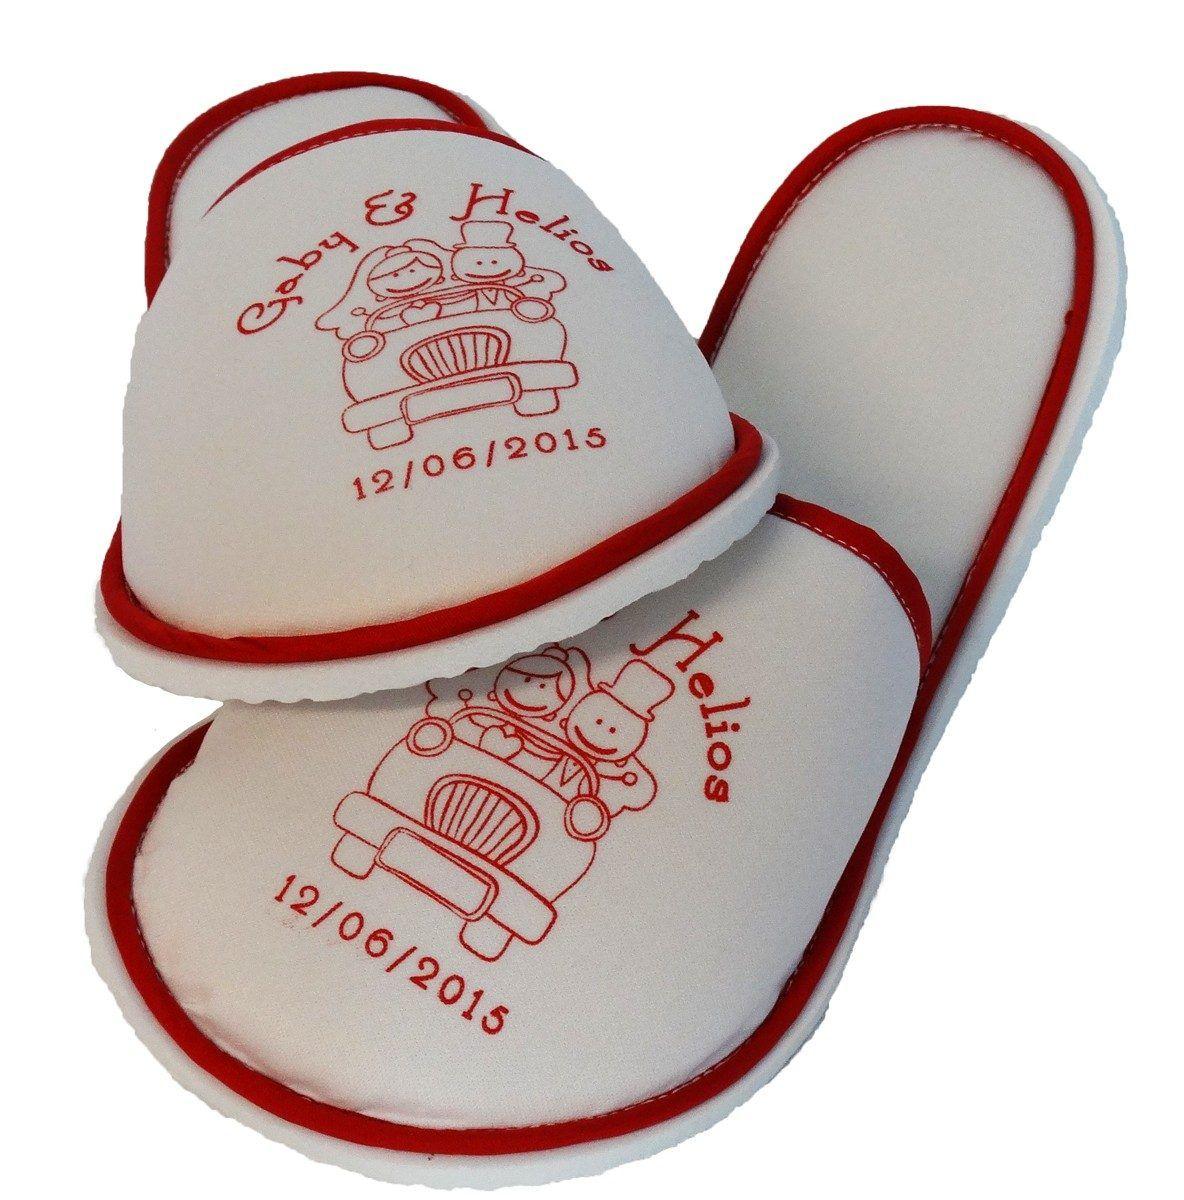 Paquete De 50 Pantuflas Personalizadas Bodas Xv Años Y Even - $ 1,500.00 en MercadoLibre